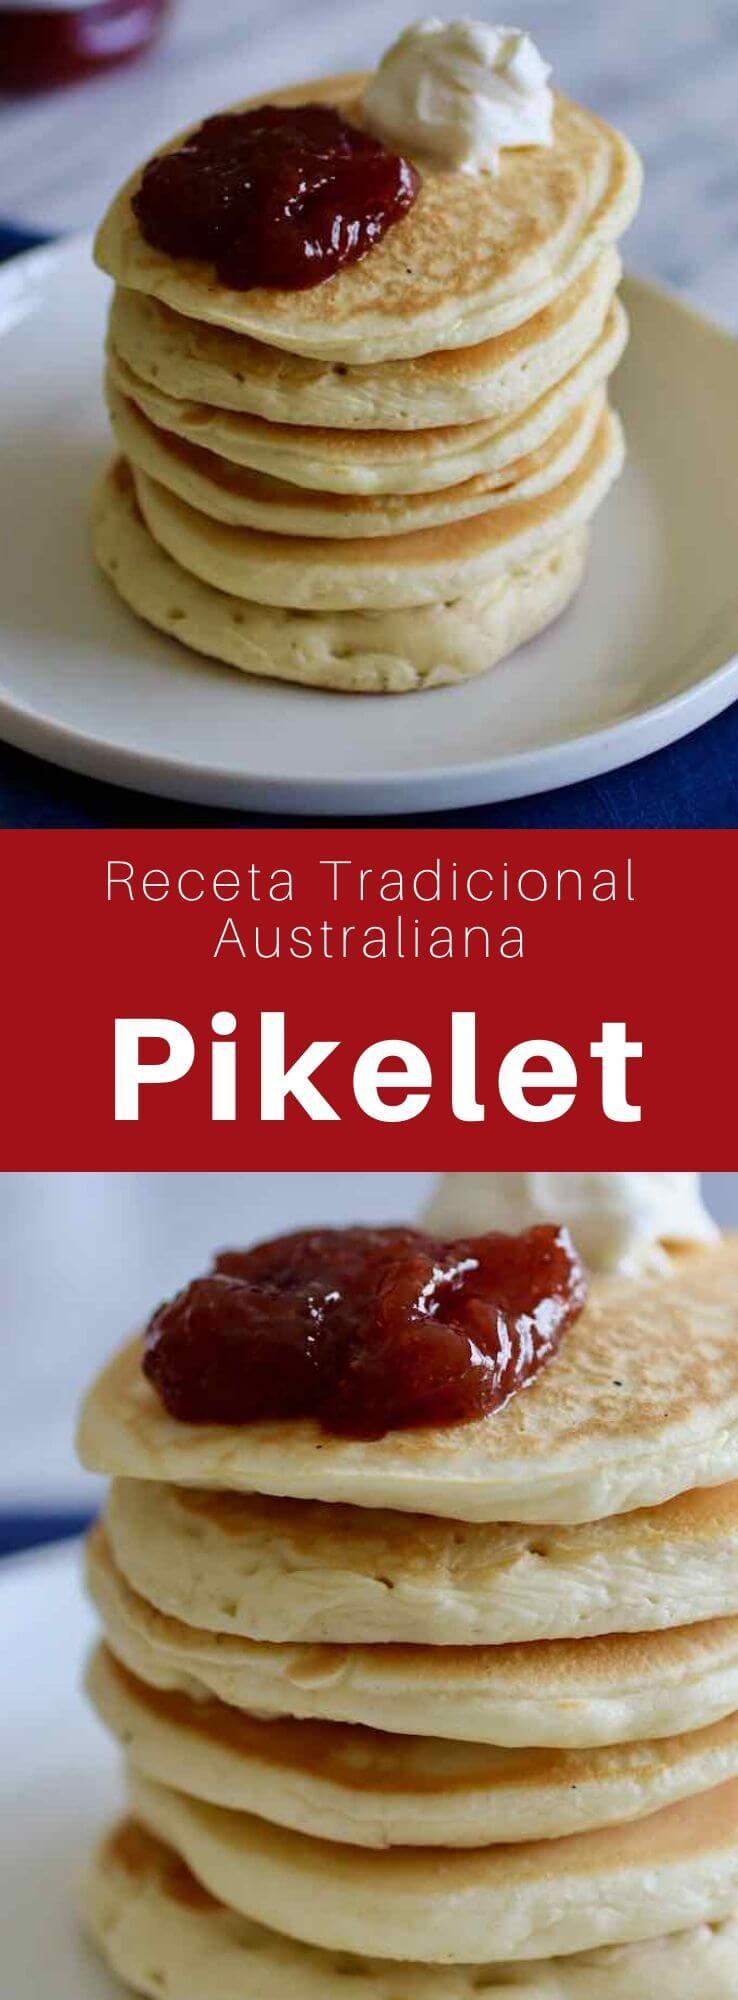 El pikelet es una variante del panqueque que es popular en Australia y Nueva Zelanda. Es similar al panqueque estadounidense tradicional.